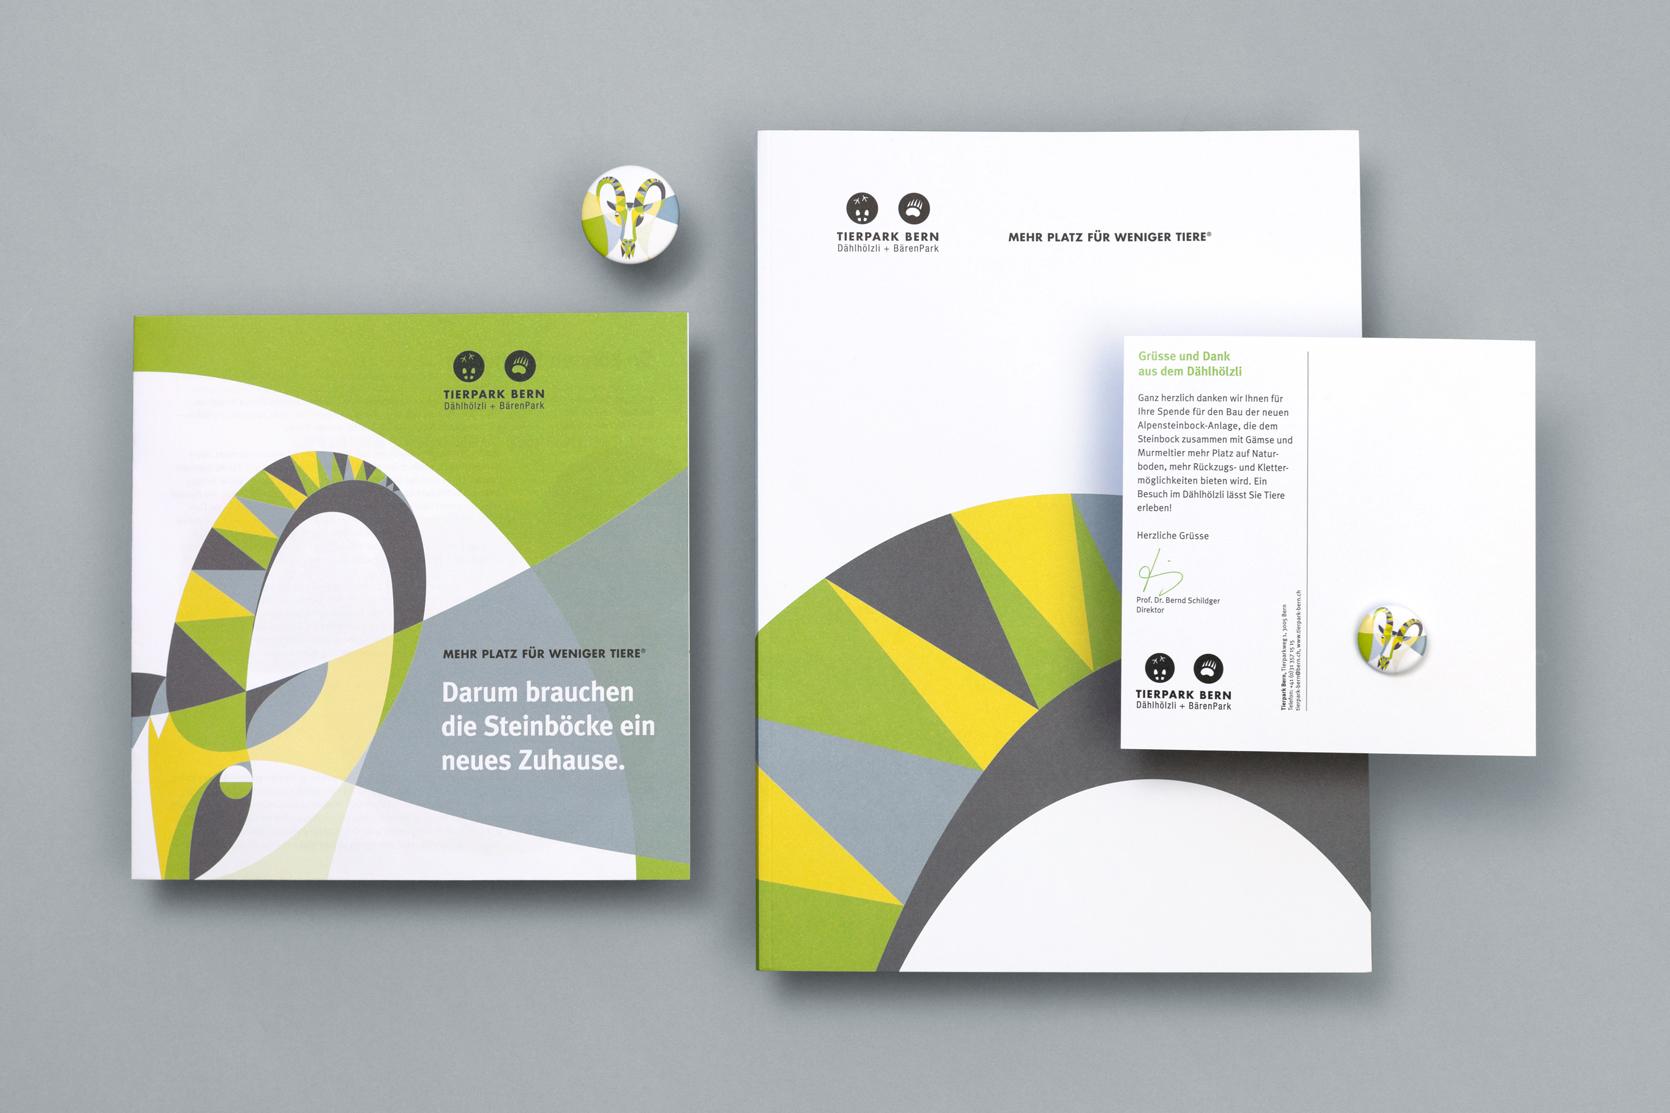 Zeitungsbeilage, Pin, Magnet, Imagebroschüre und Dankeskarte Fundraising Steinbockanlage, Tierpark Bern